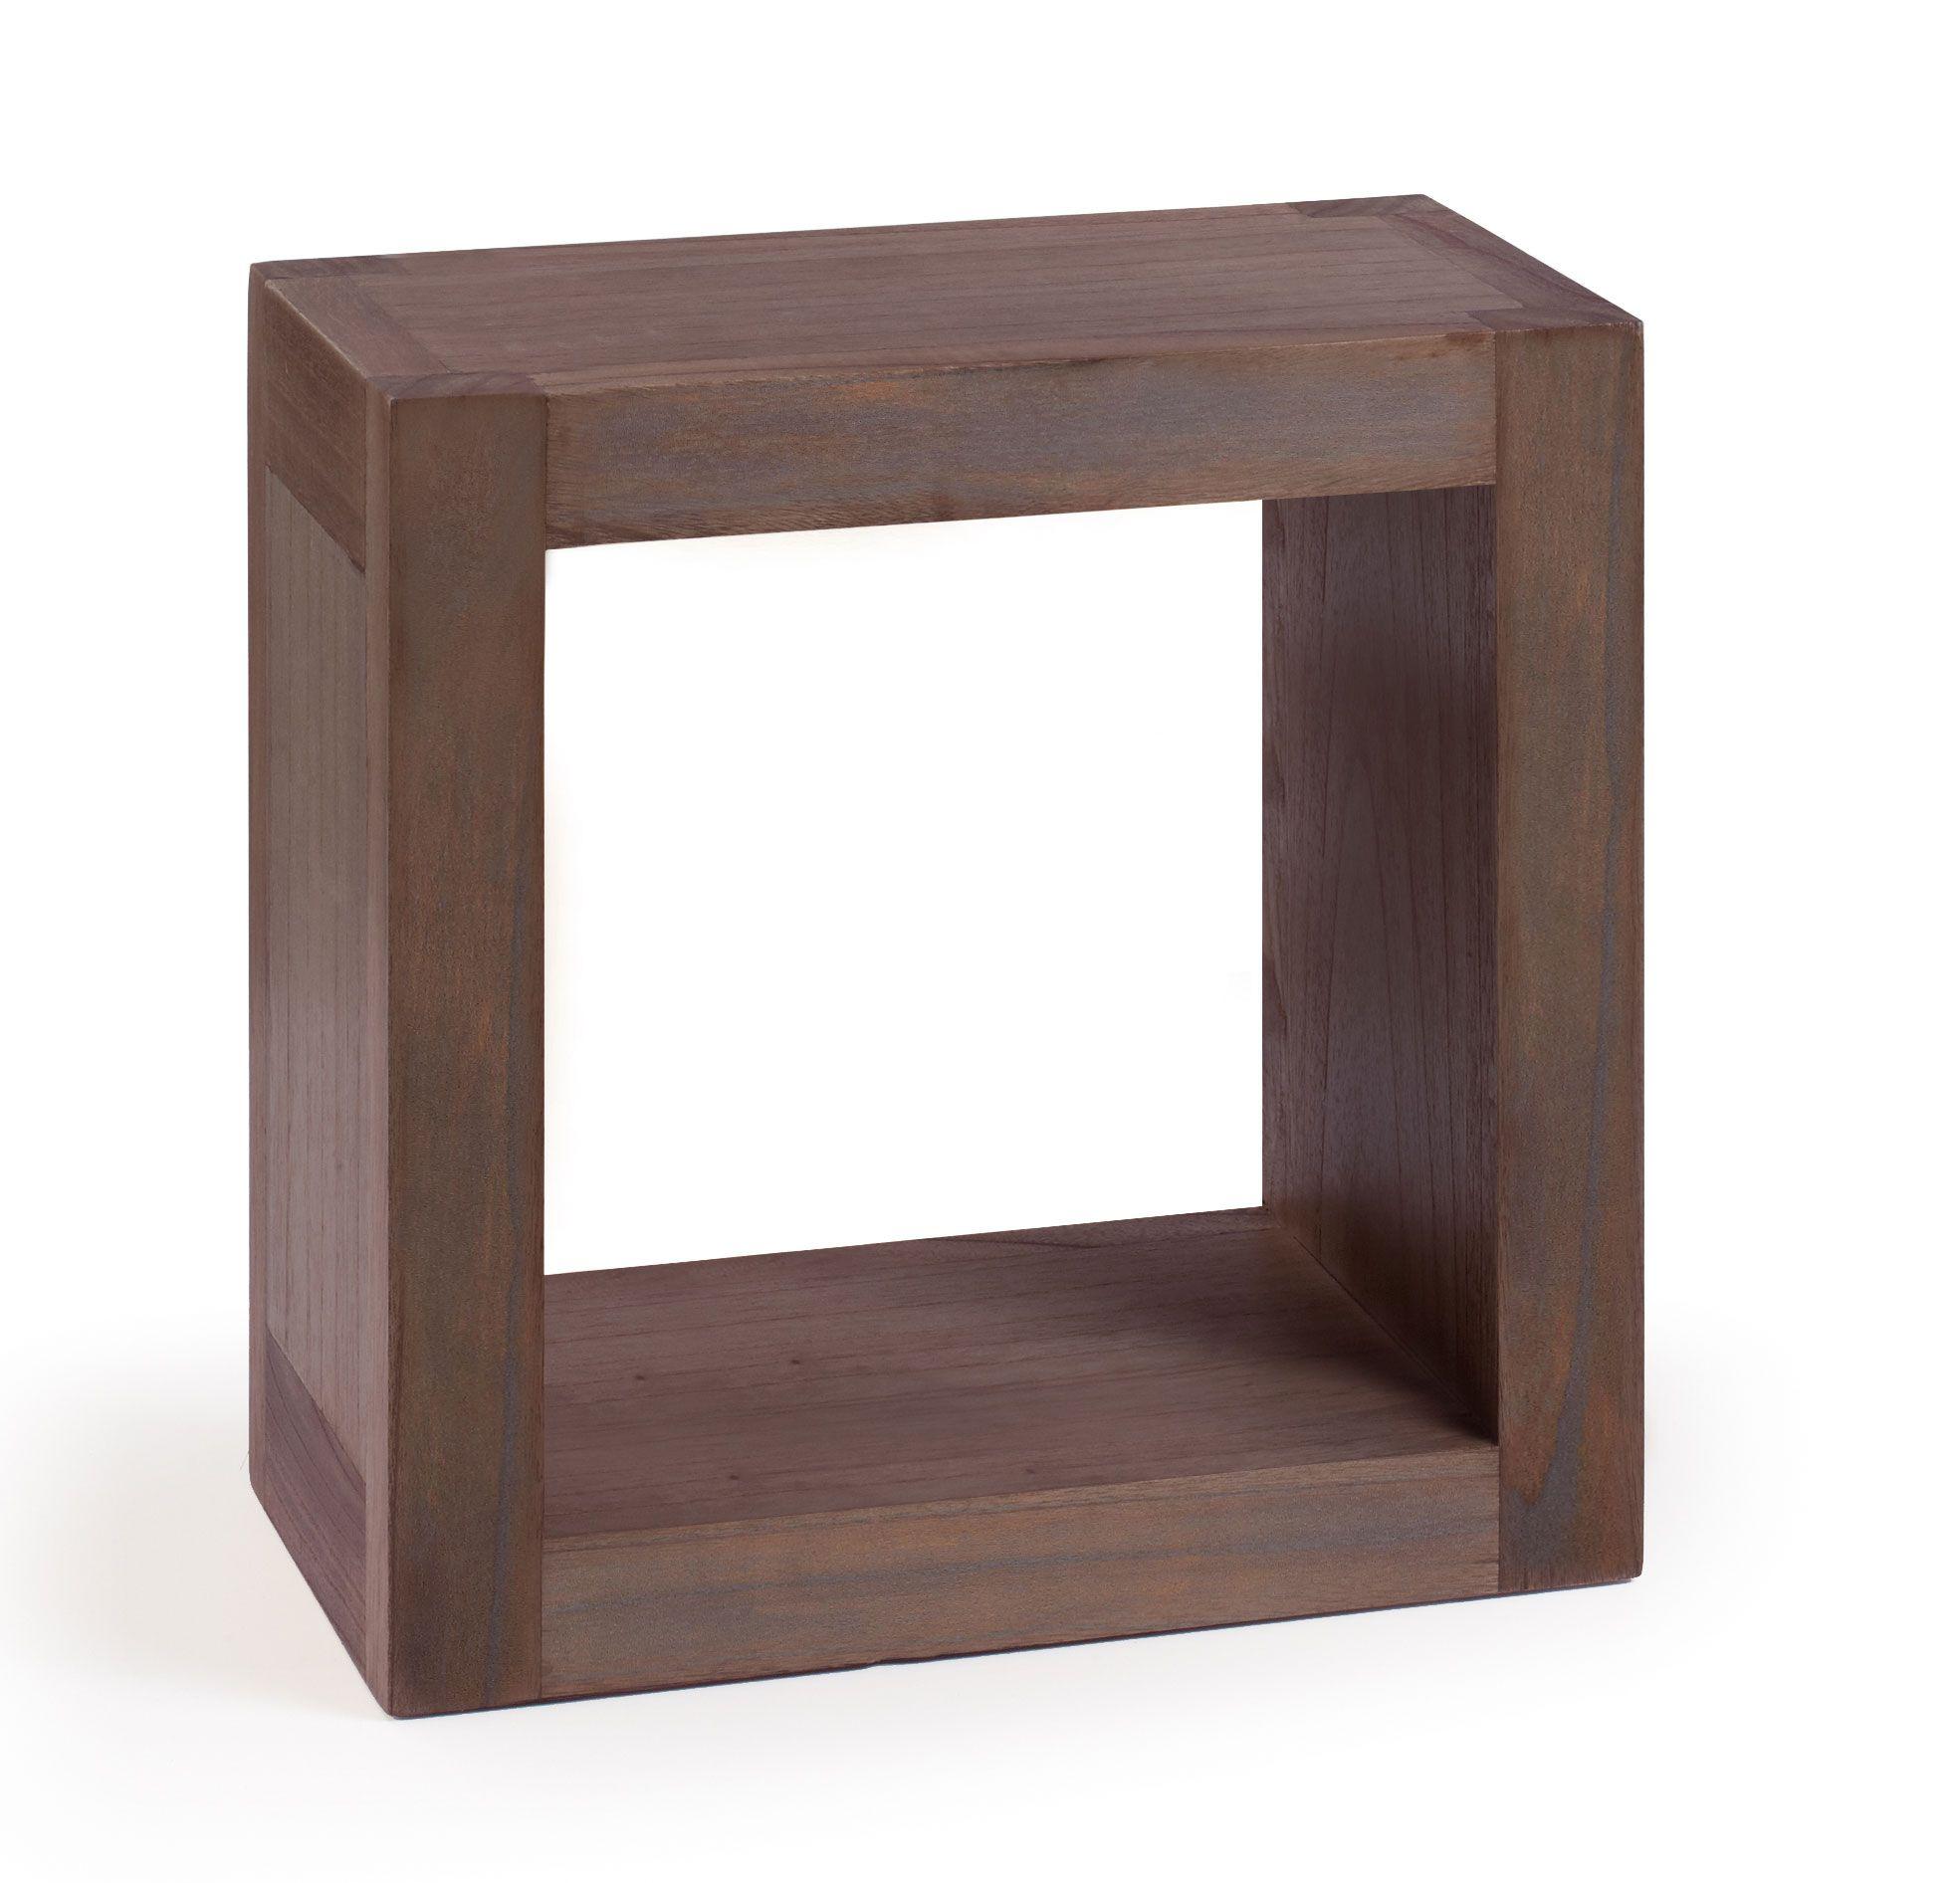 Cubo Para Colgar A Pared En Color Wenge Muebles Originales De  # Muebles Wengue Color Paredes